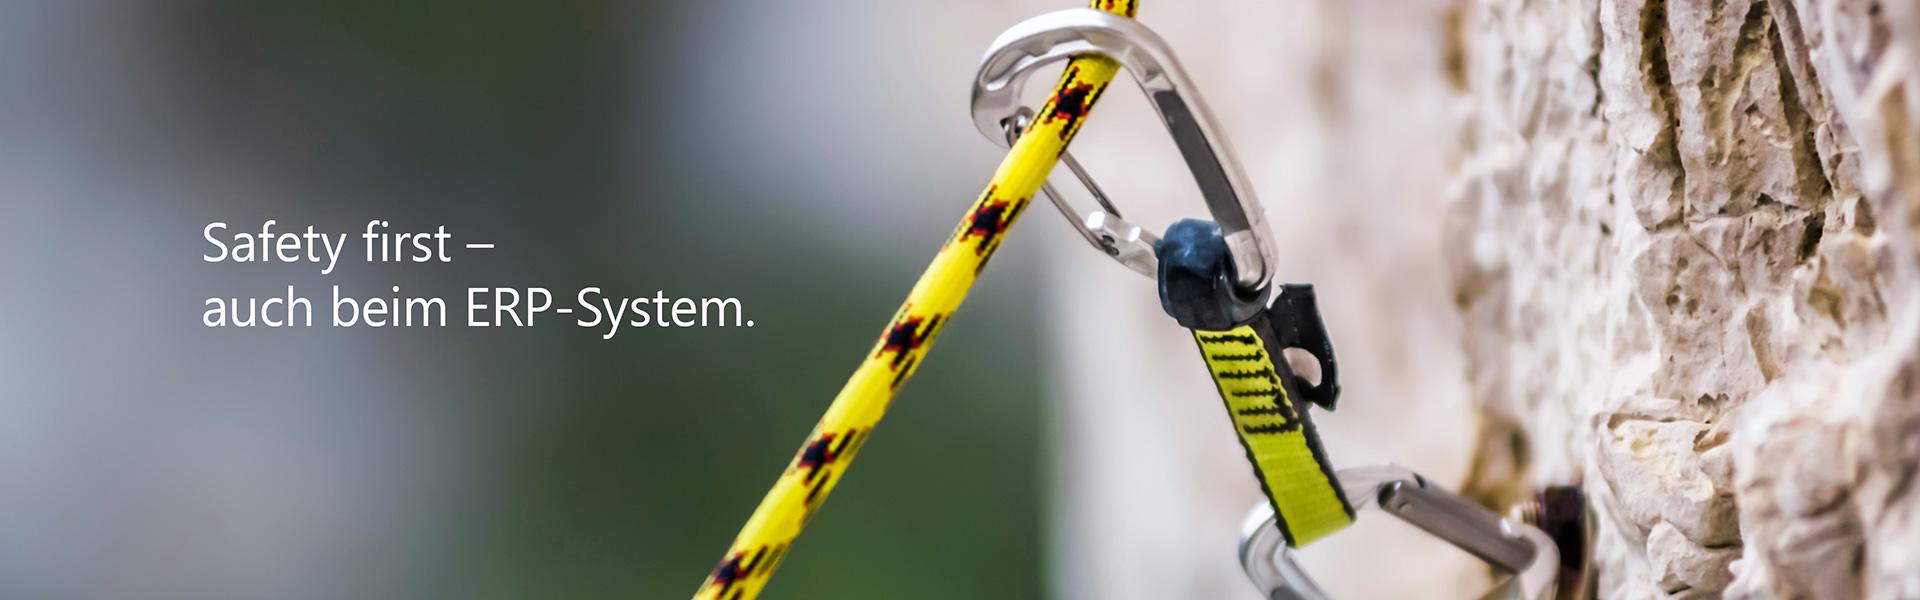 Safety first - auch beim ERP-System